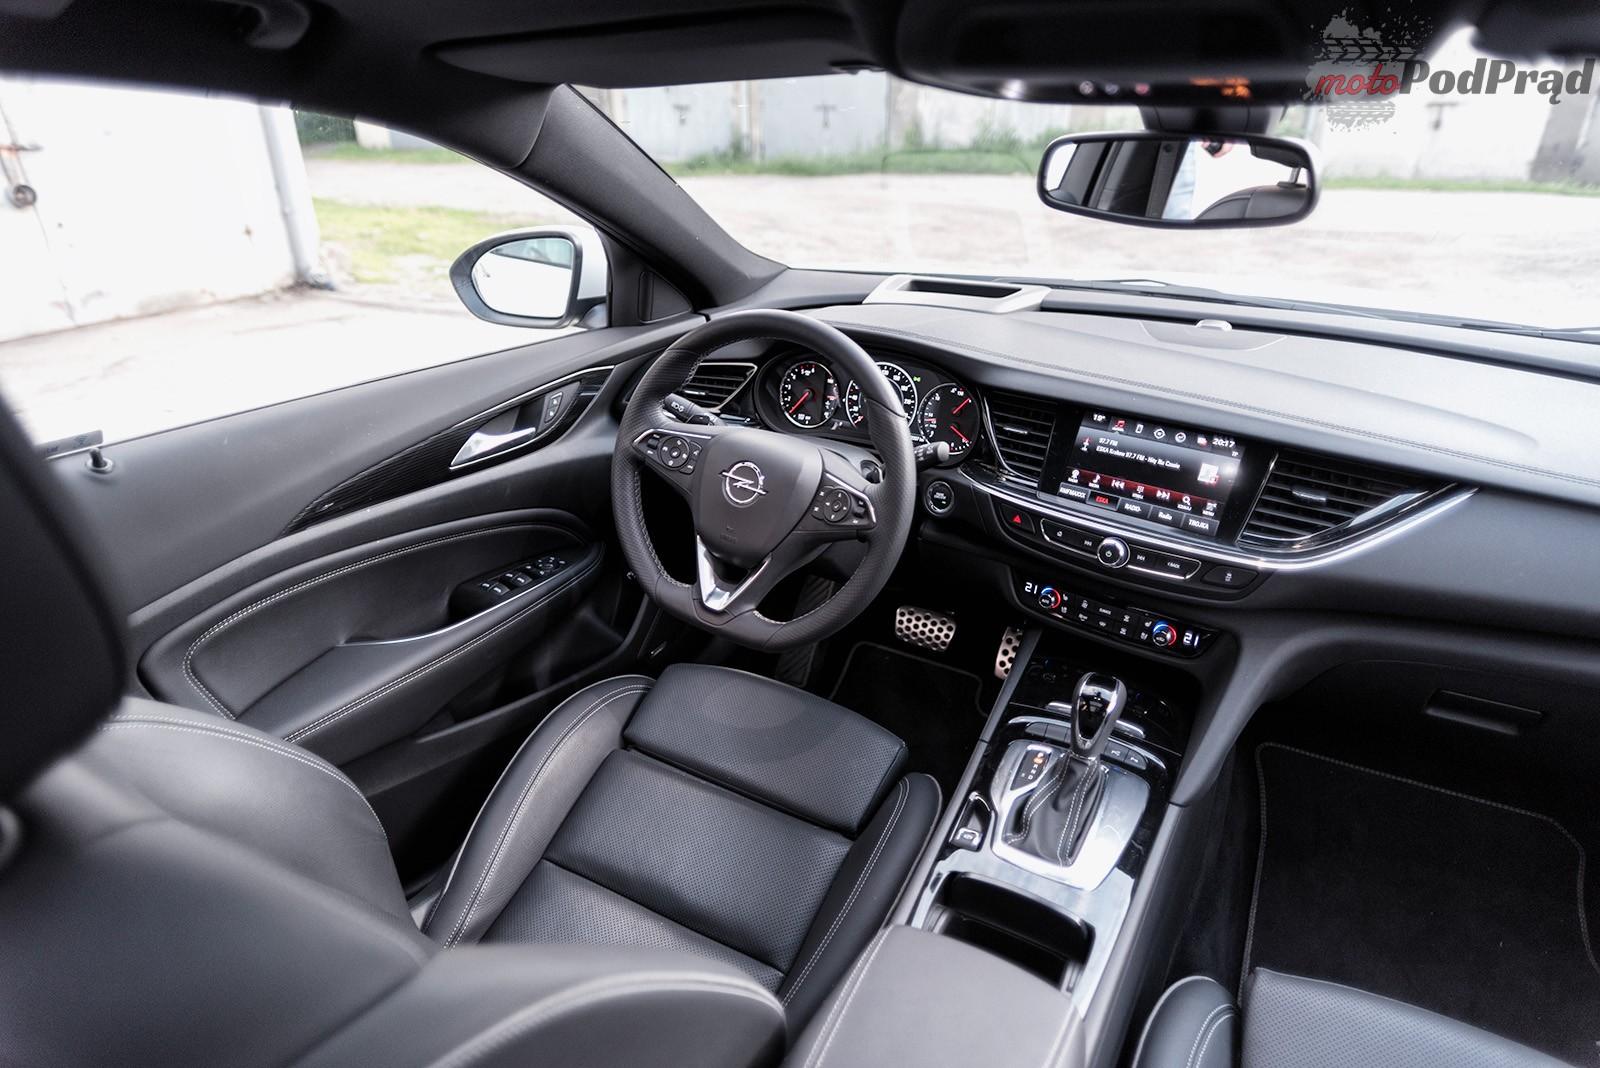 Opel Insignia Tourer 28 Test: Opel Insignia Sports Tourer   po prostu wygodne kombi